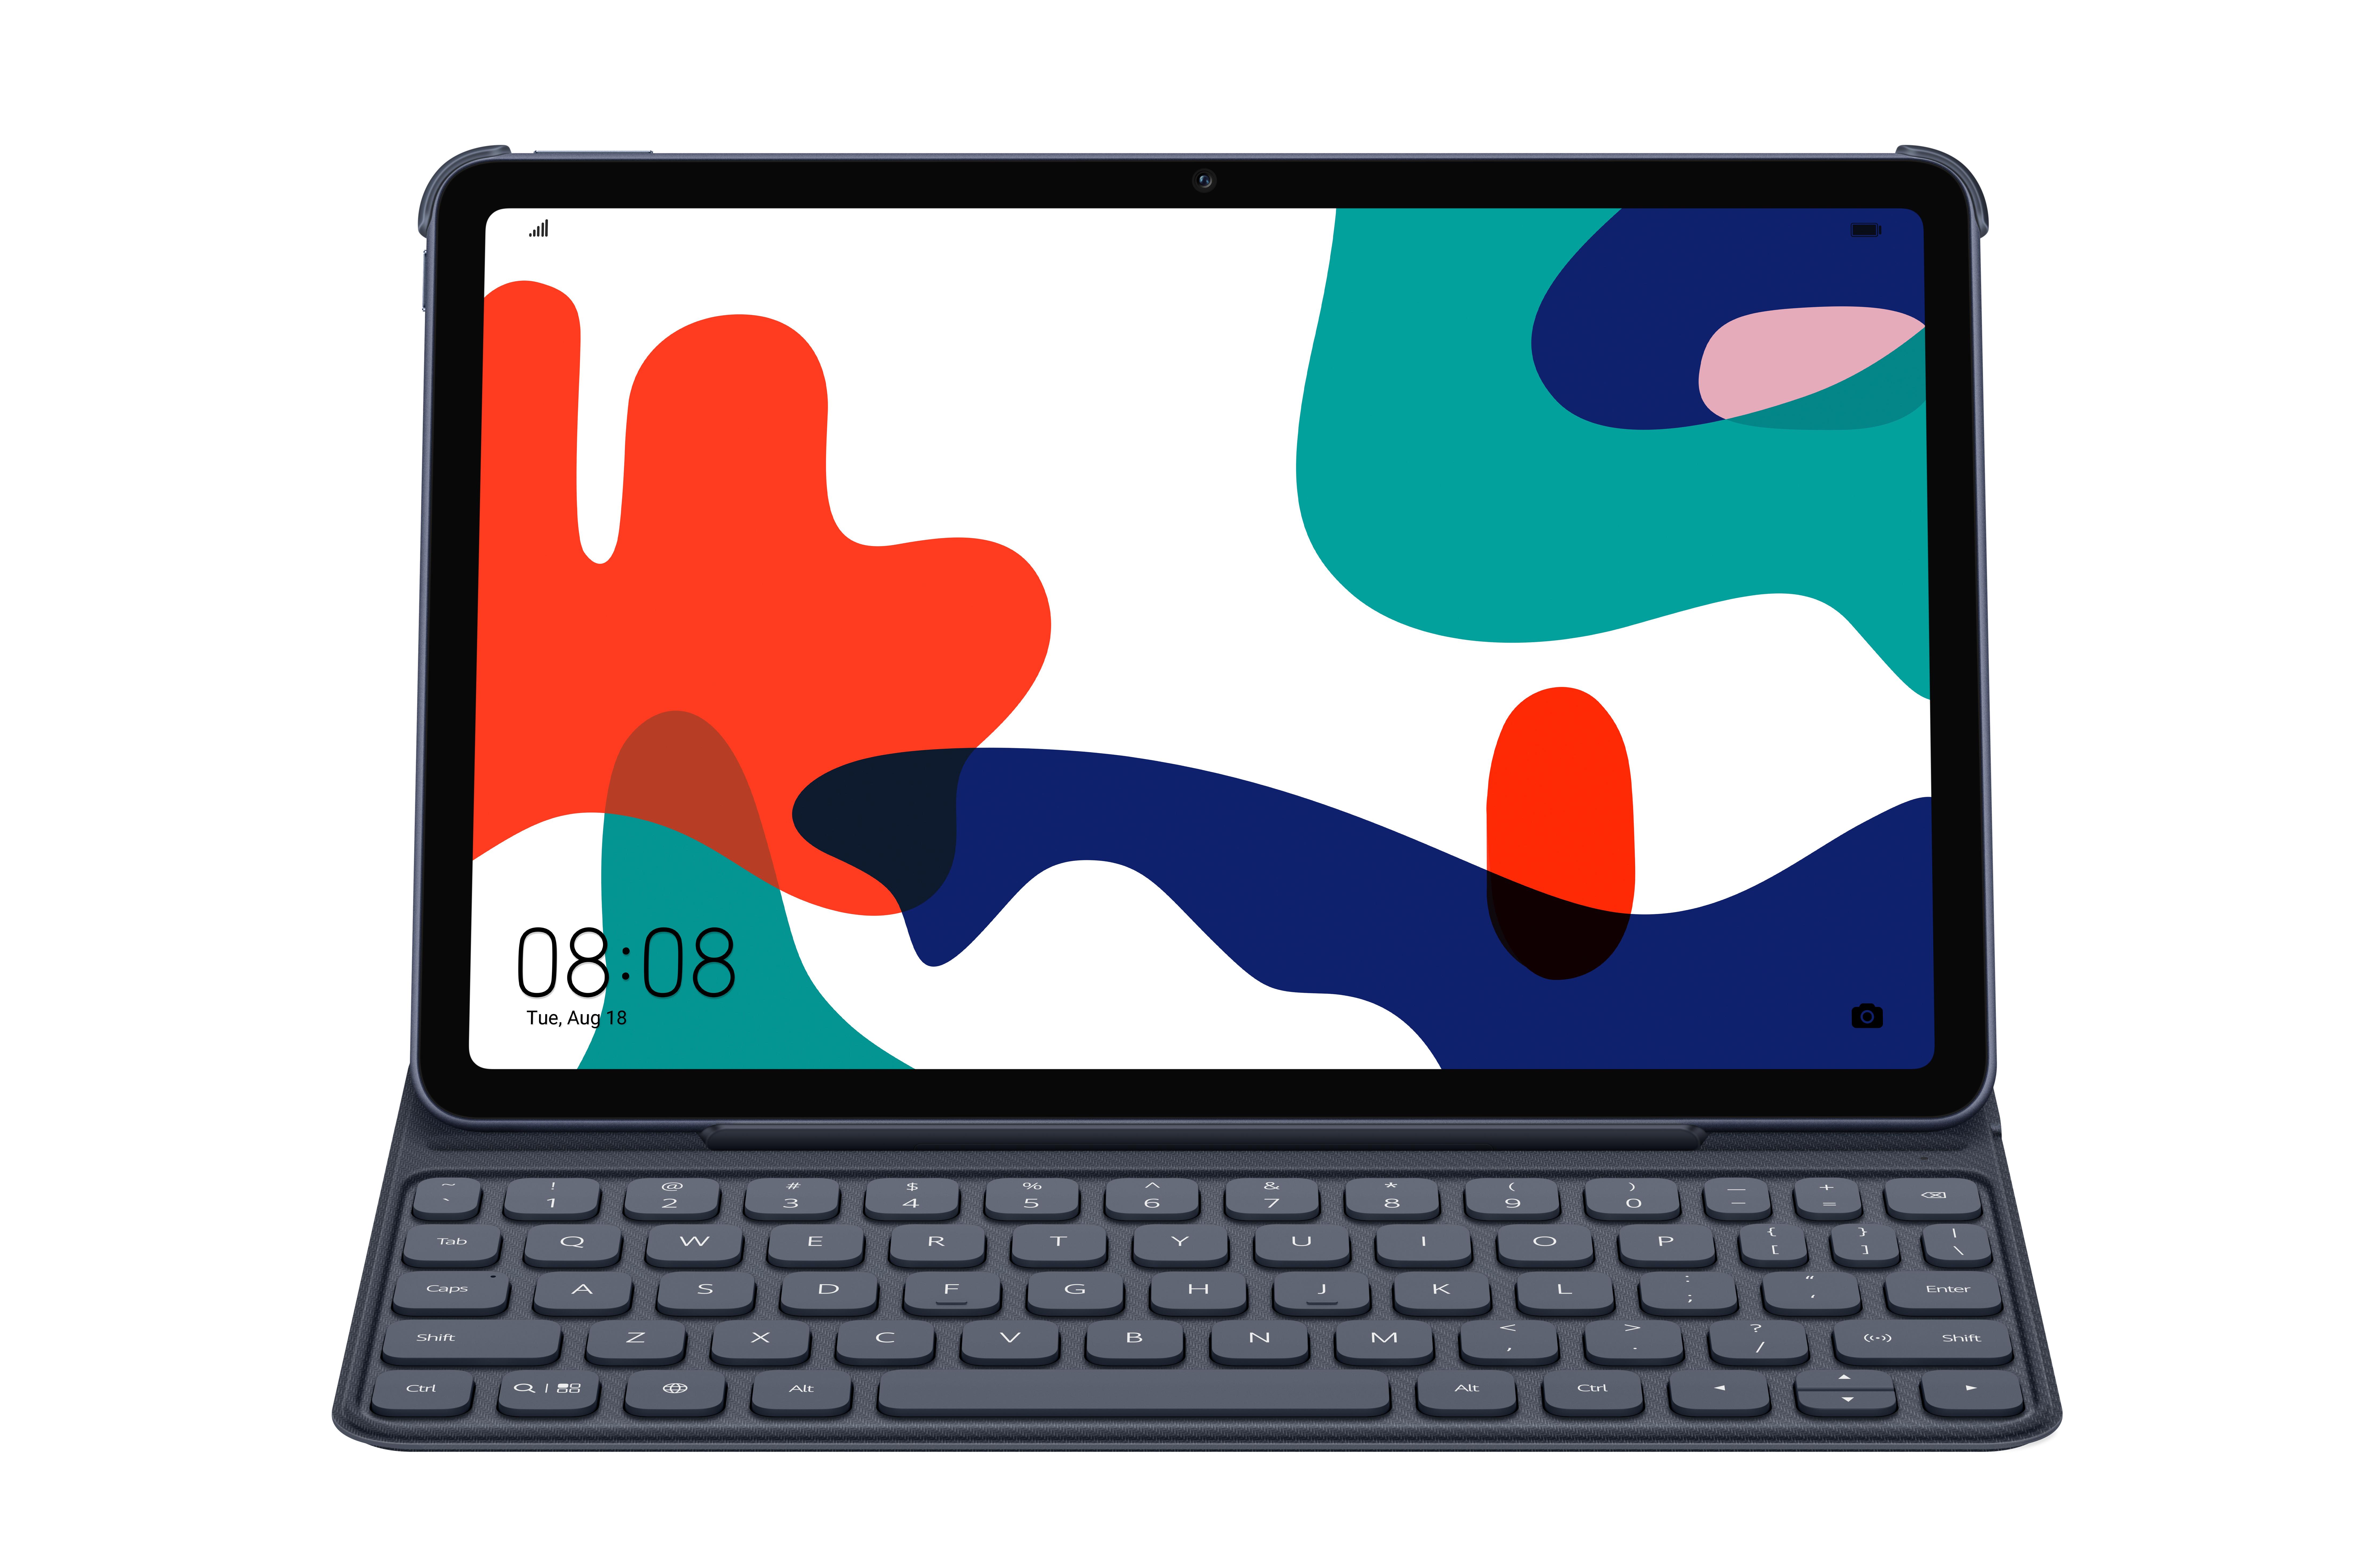 Tableta HUAWEI MatePad T10, un gadget cu ecran mare și aplicații de top în magazinul HUAWEI AppGallery